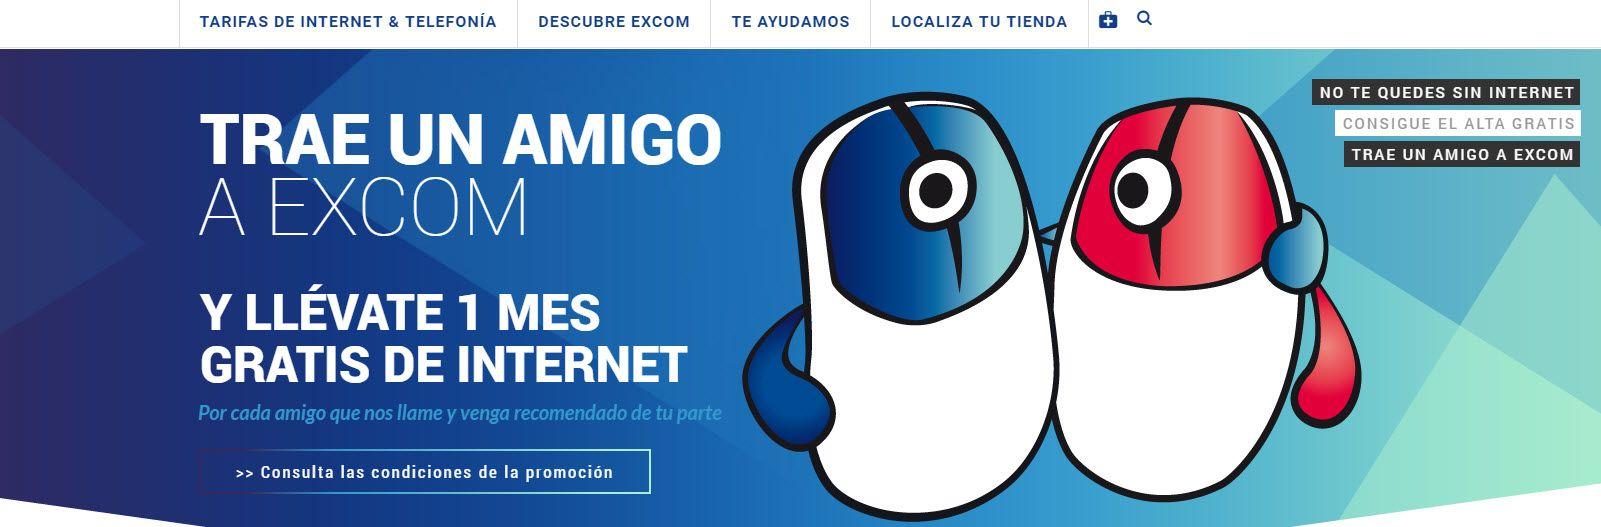 Agencia Estrategia Marketing Lifting Group Marketing Management Outsourcing Excom web Excom